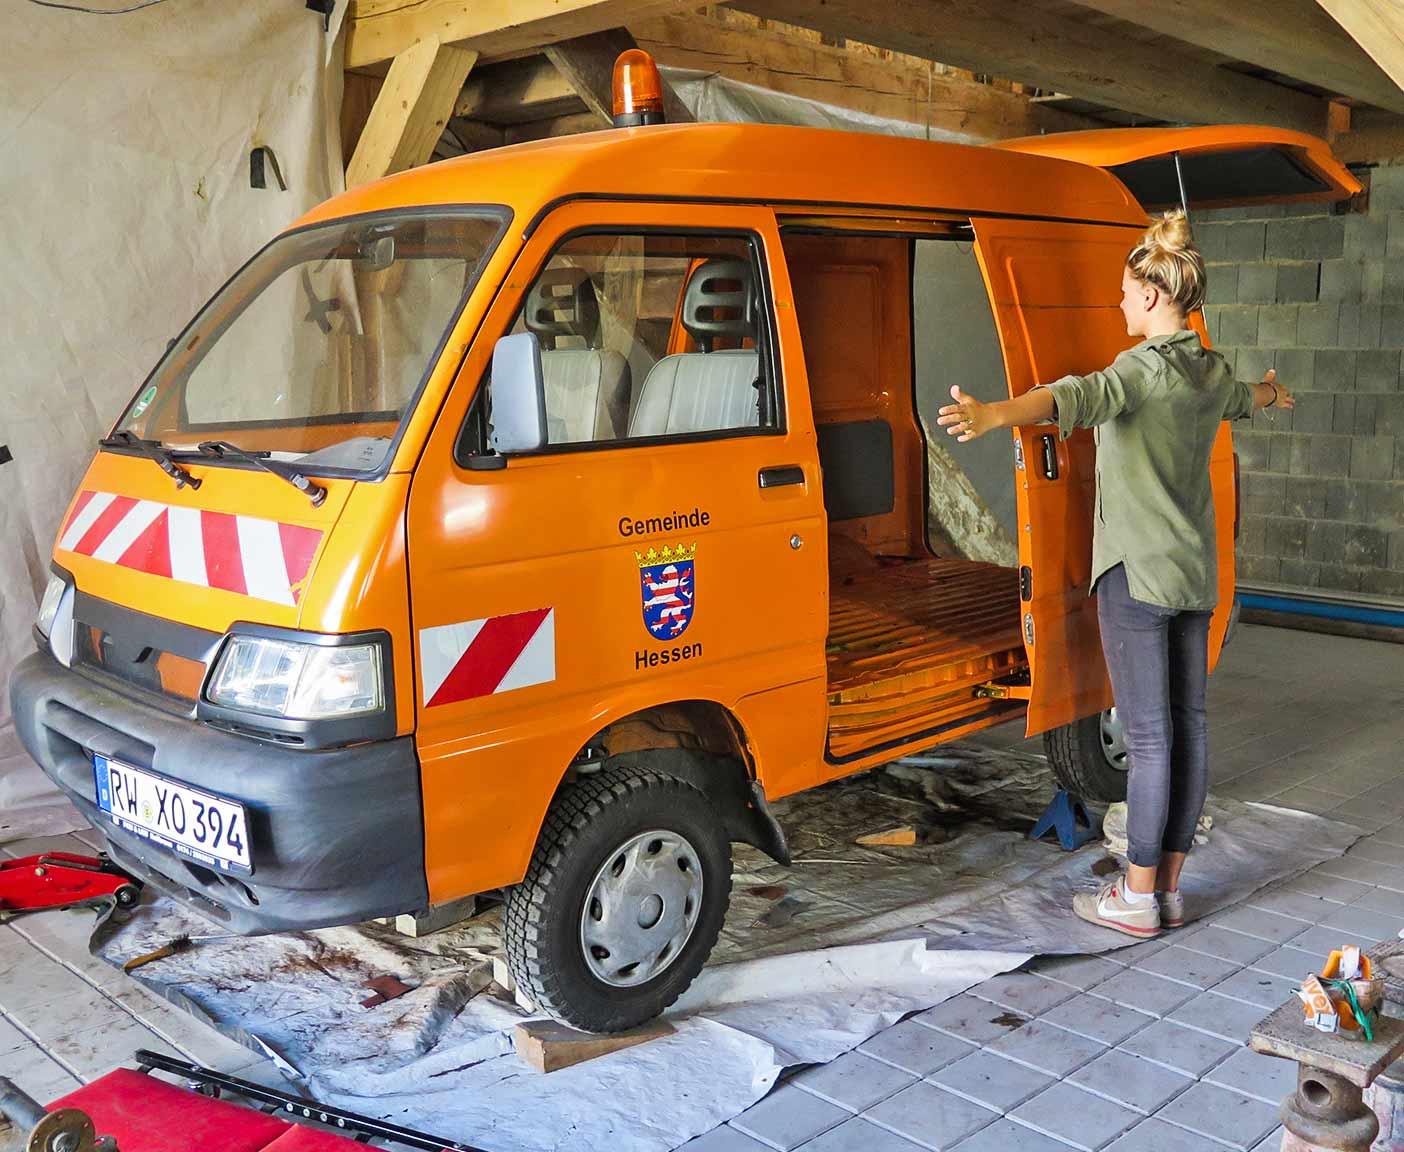 piaggio porter-minicamper-minivan-camper-mini-wohnmobil-kleiner-selbstausbau-16